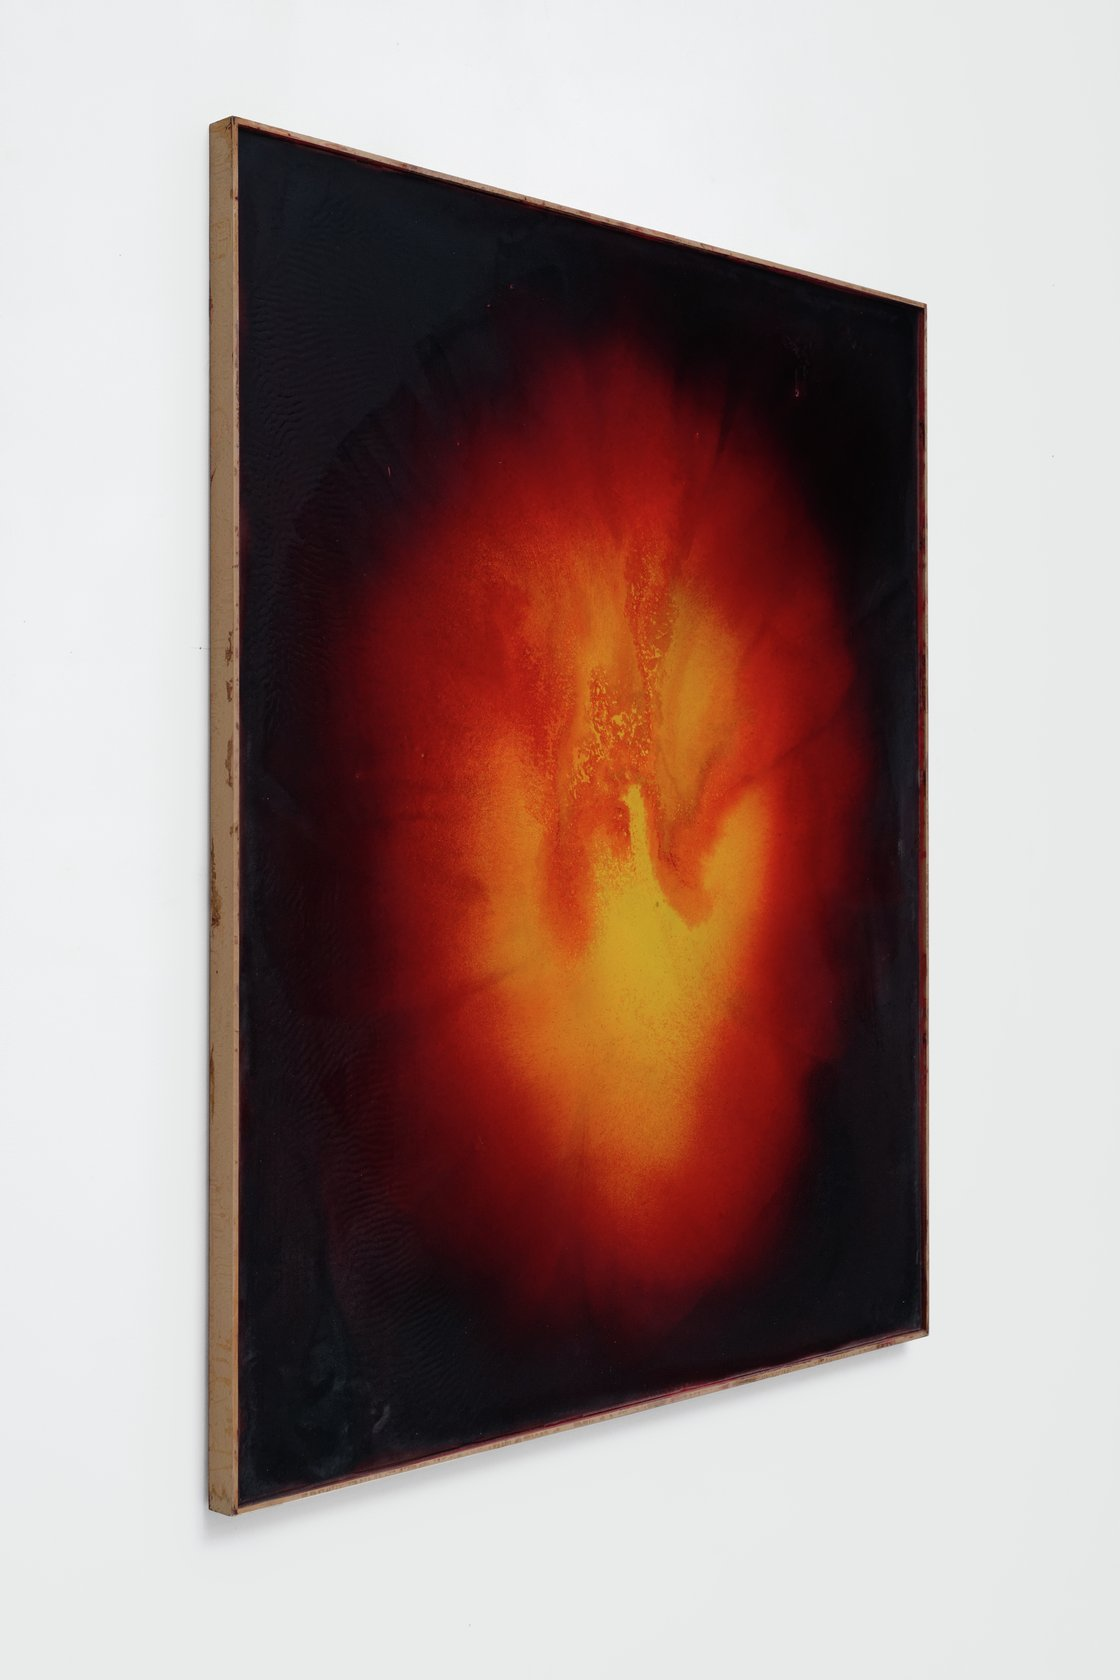 José María Sicilia, La Luz que se apaga, 2003